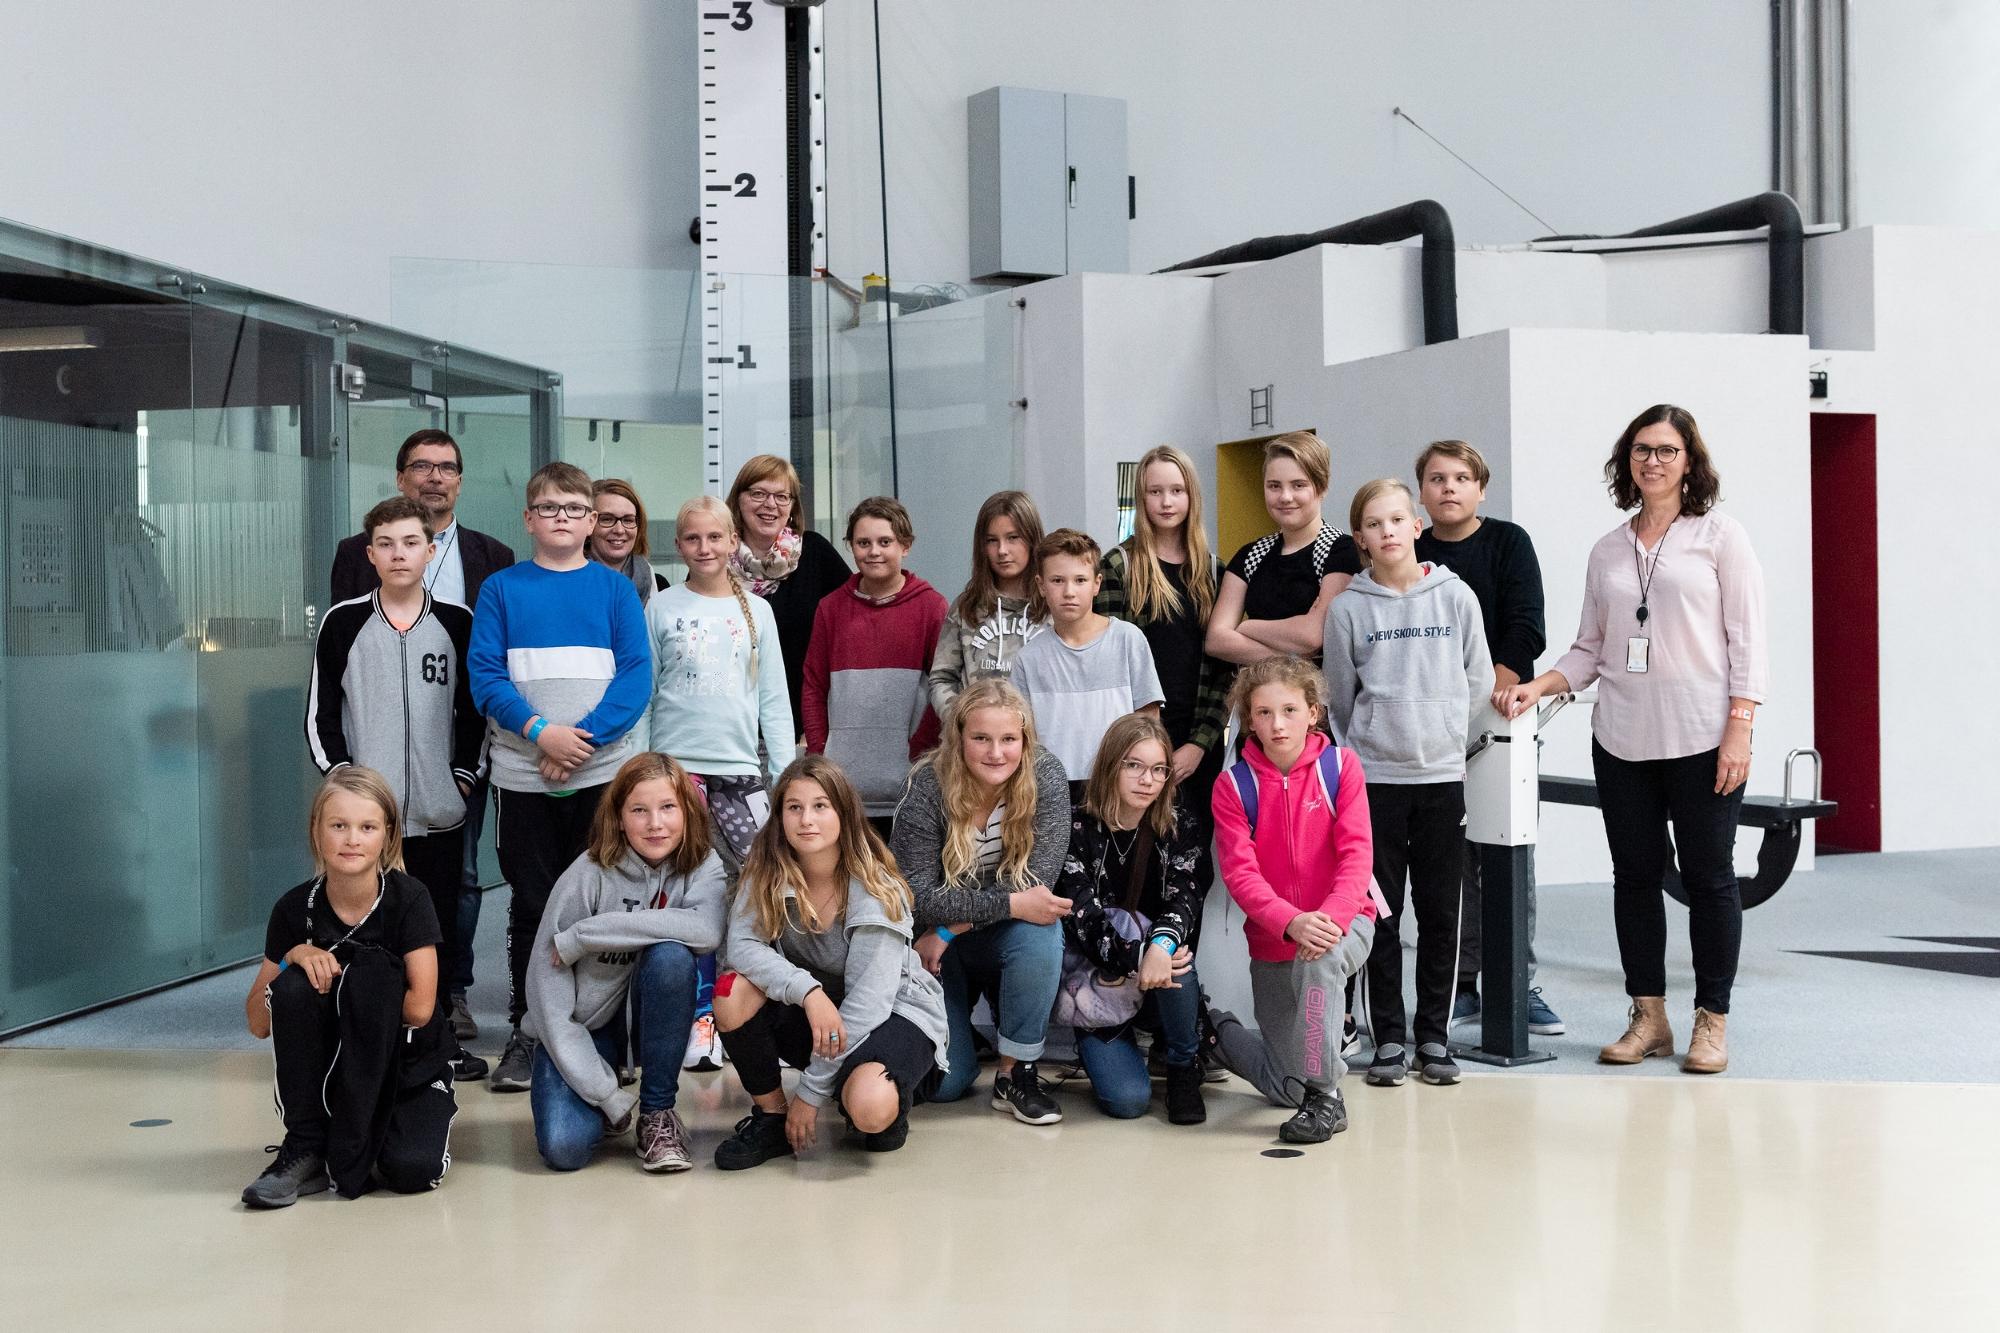 STEKin Tiedekummiluokka Loviisasta vieraili Heurekassa syykuussa 2018.